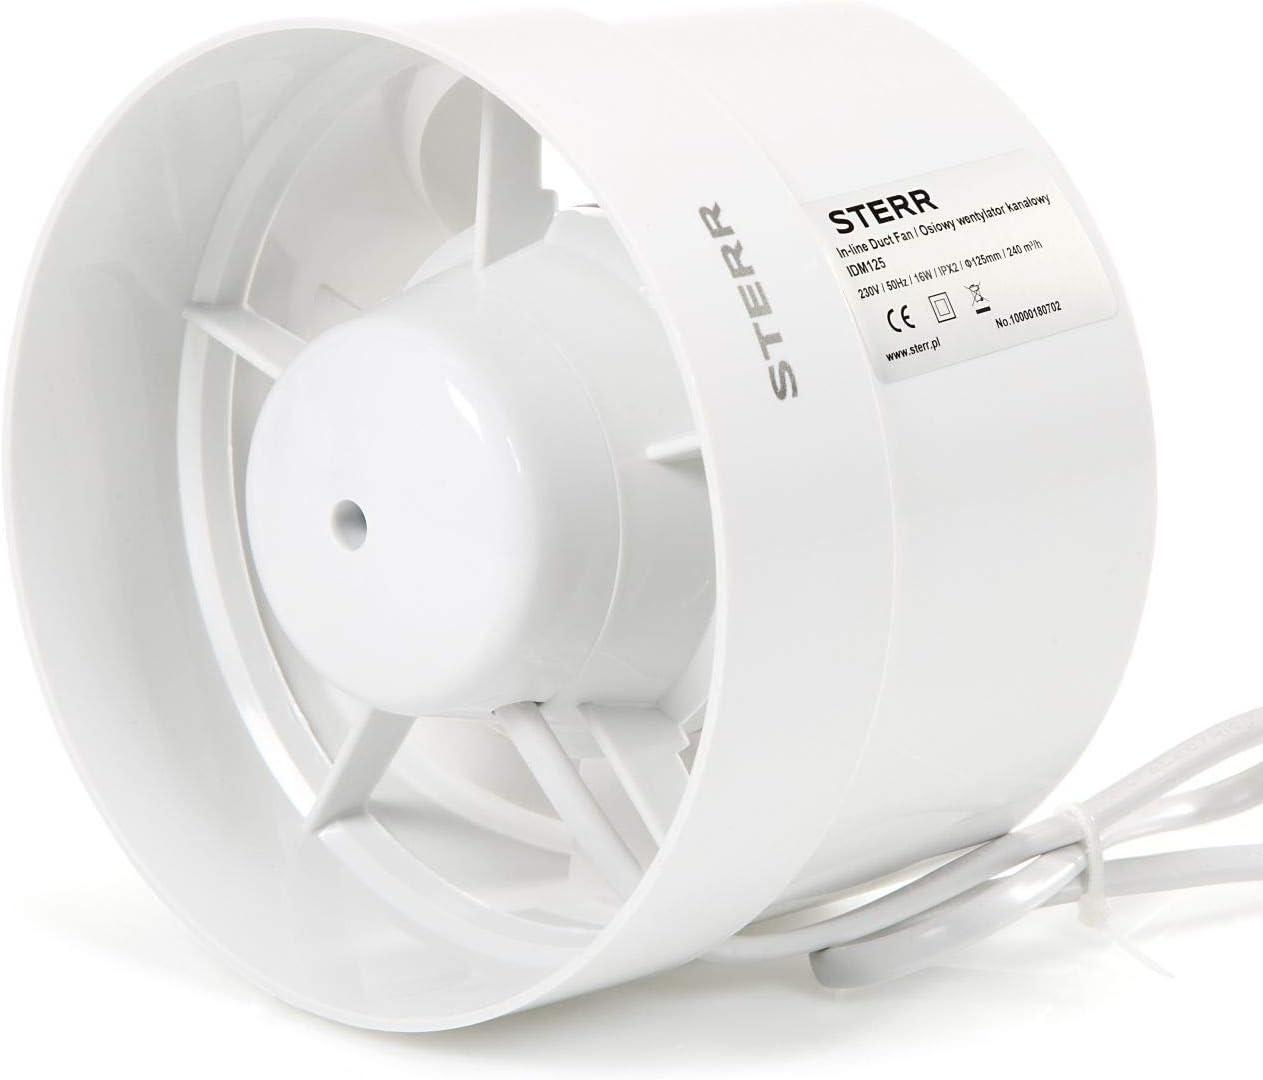 STERR – Rohrventilator Kanalventilator 125 mm – IDM125